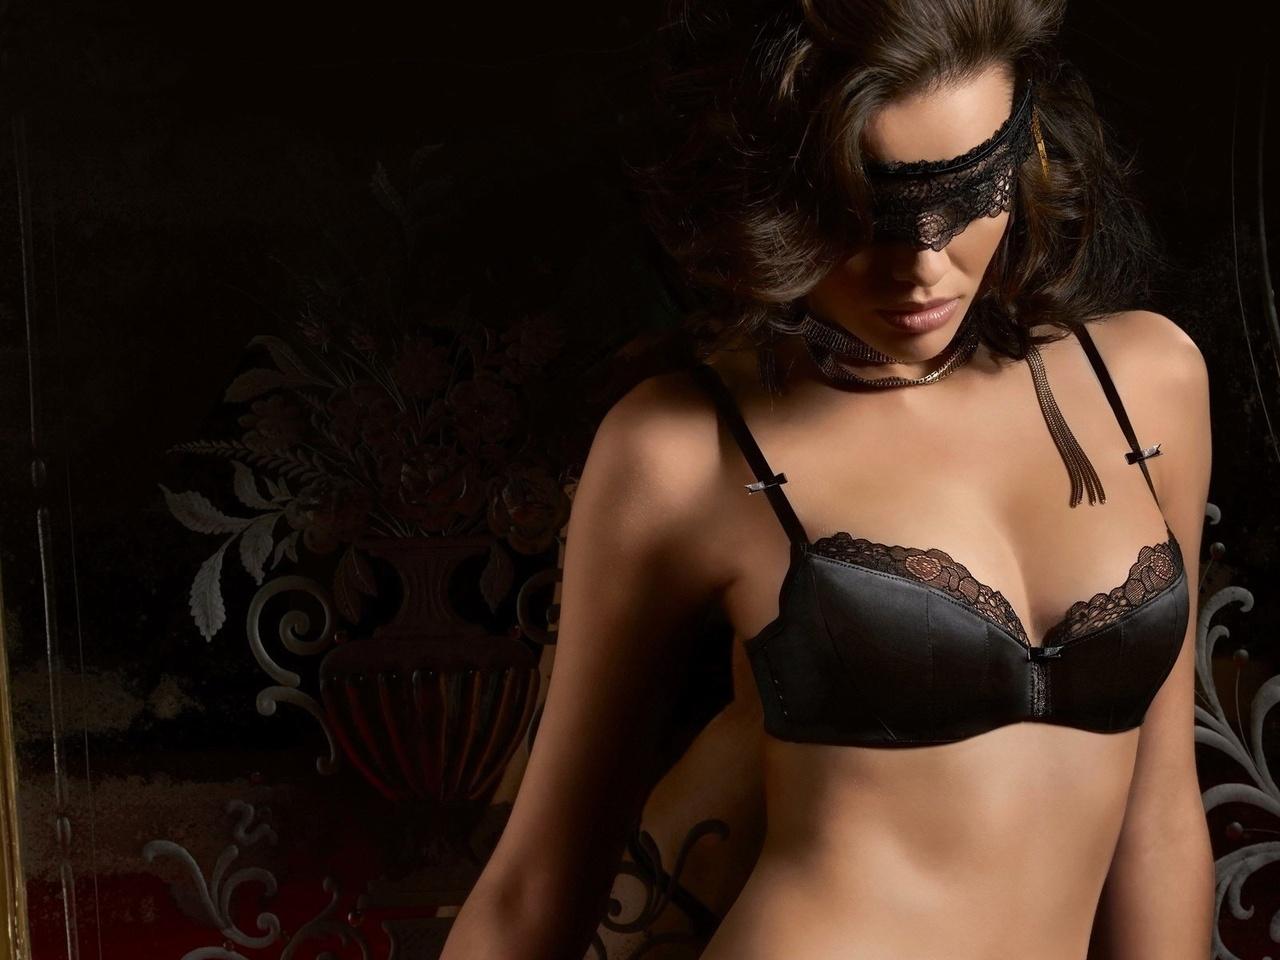 Секс фантазии девочек, Эротические фантазии - порно видео онлайн, смотреть 3 фотография